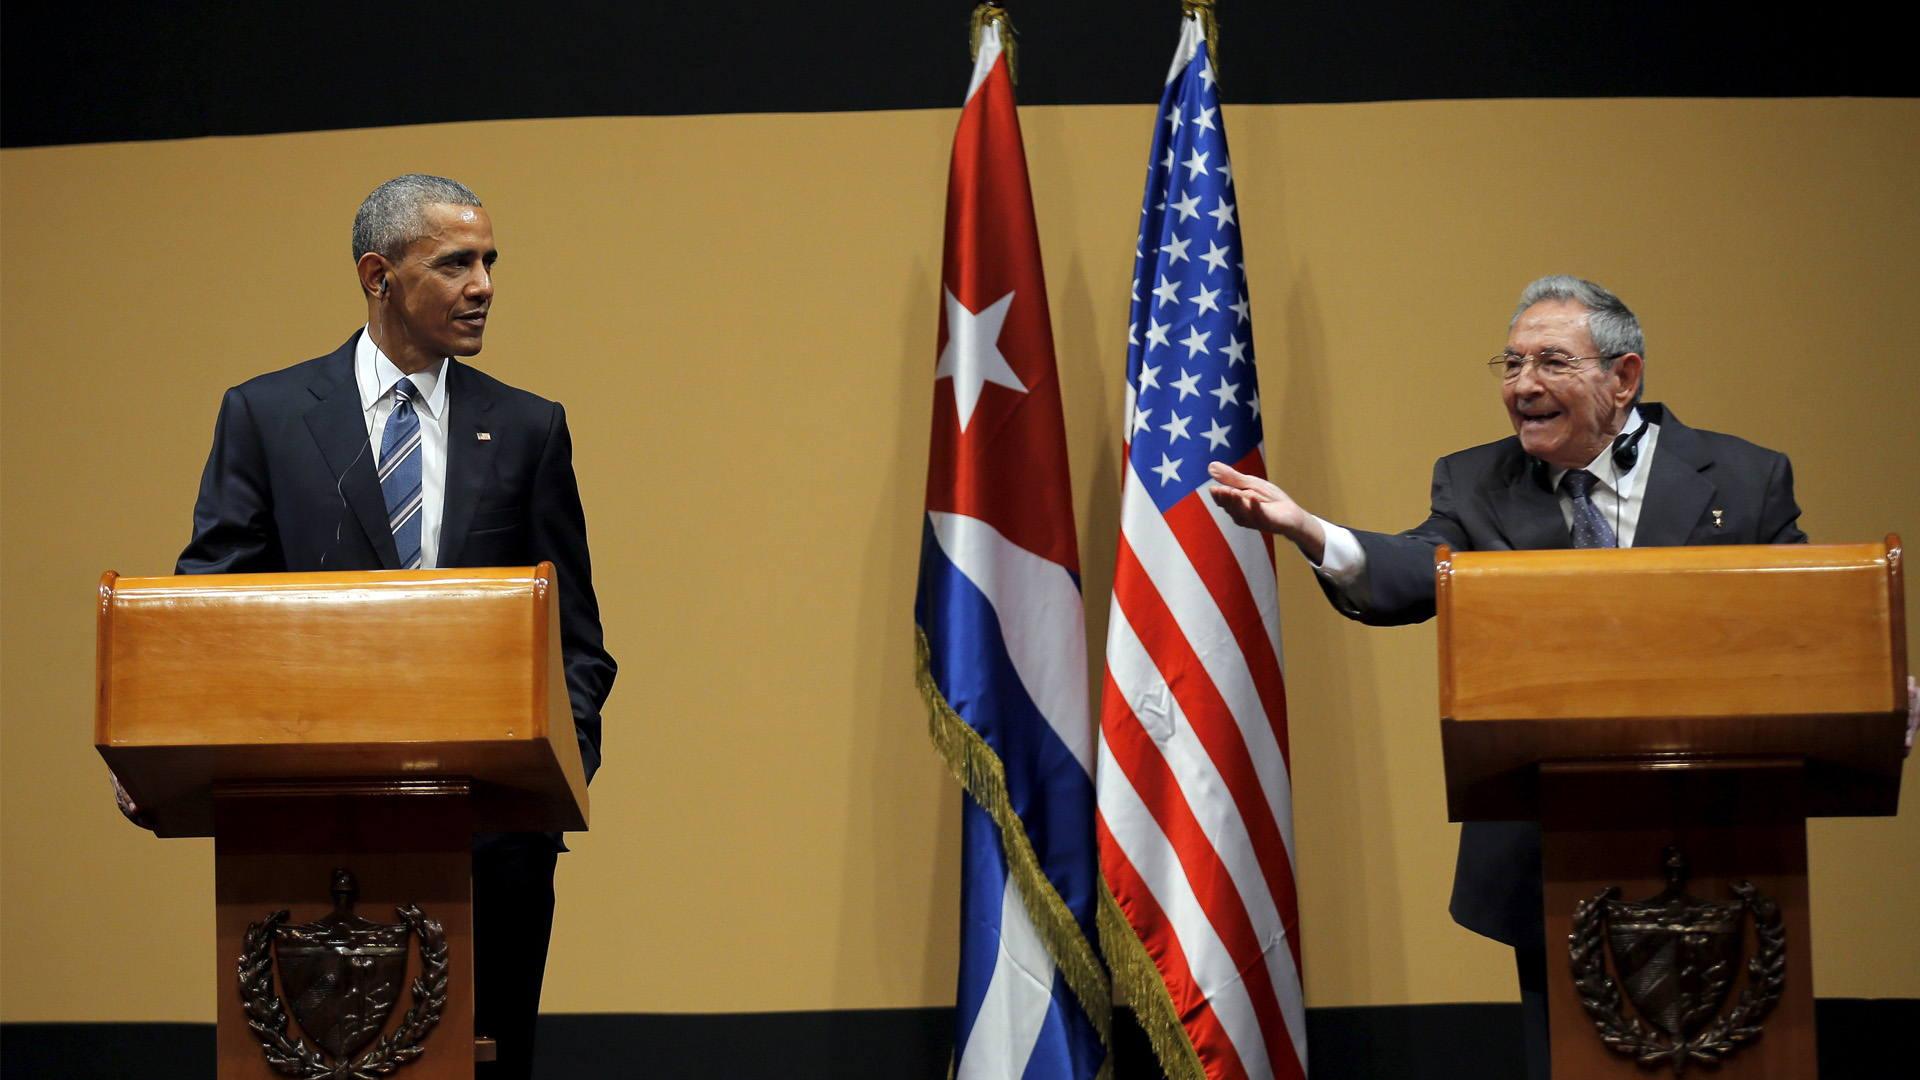 Ambas naciones discutirán este viernes sobre uno de los puntos más tensos de su acercamiento